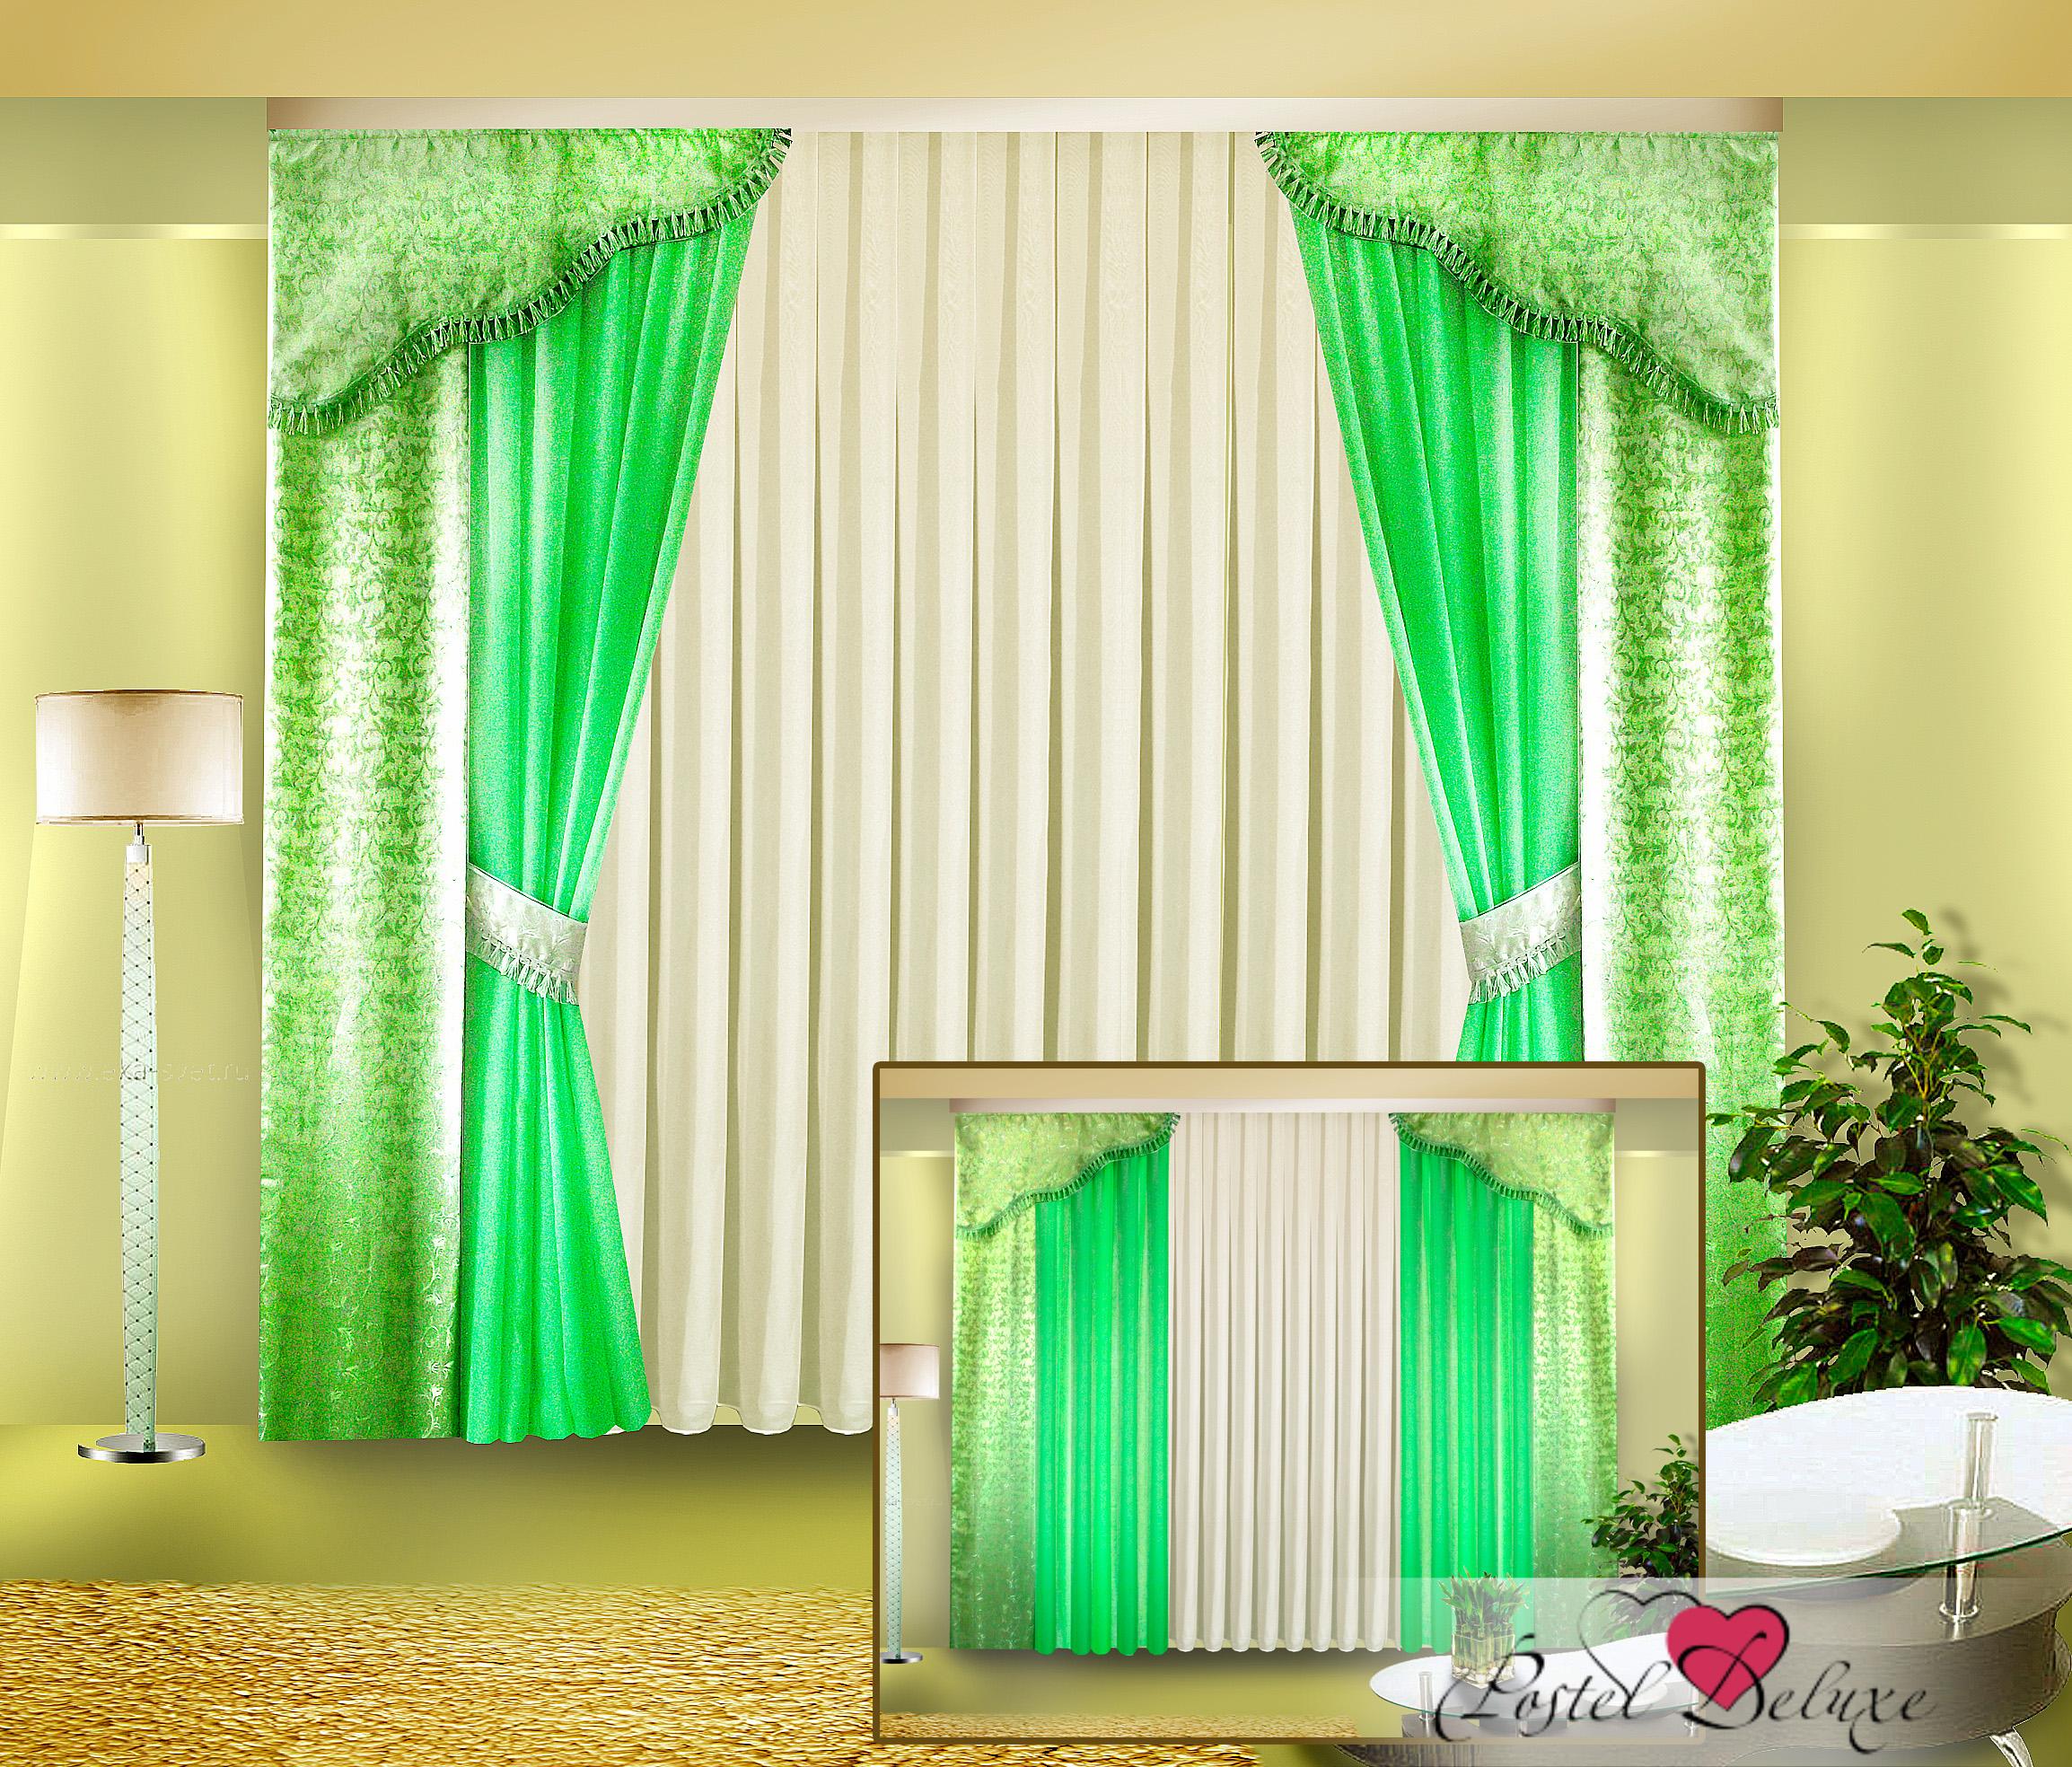 Шторы Zlata Korunka Классические шторы Цвет: Зеленый шторы tac классические шторы winx цвет персиковый 200x265 см